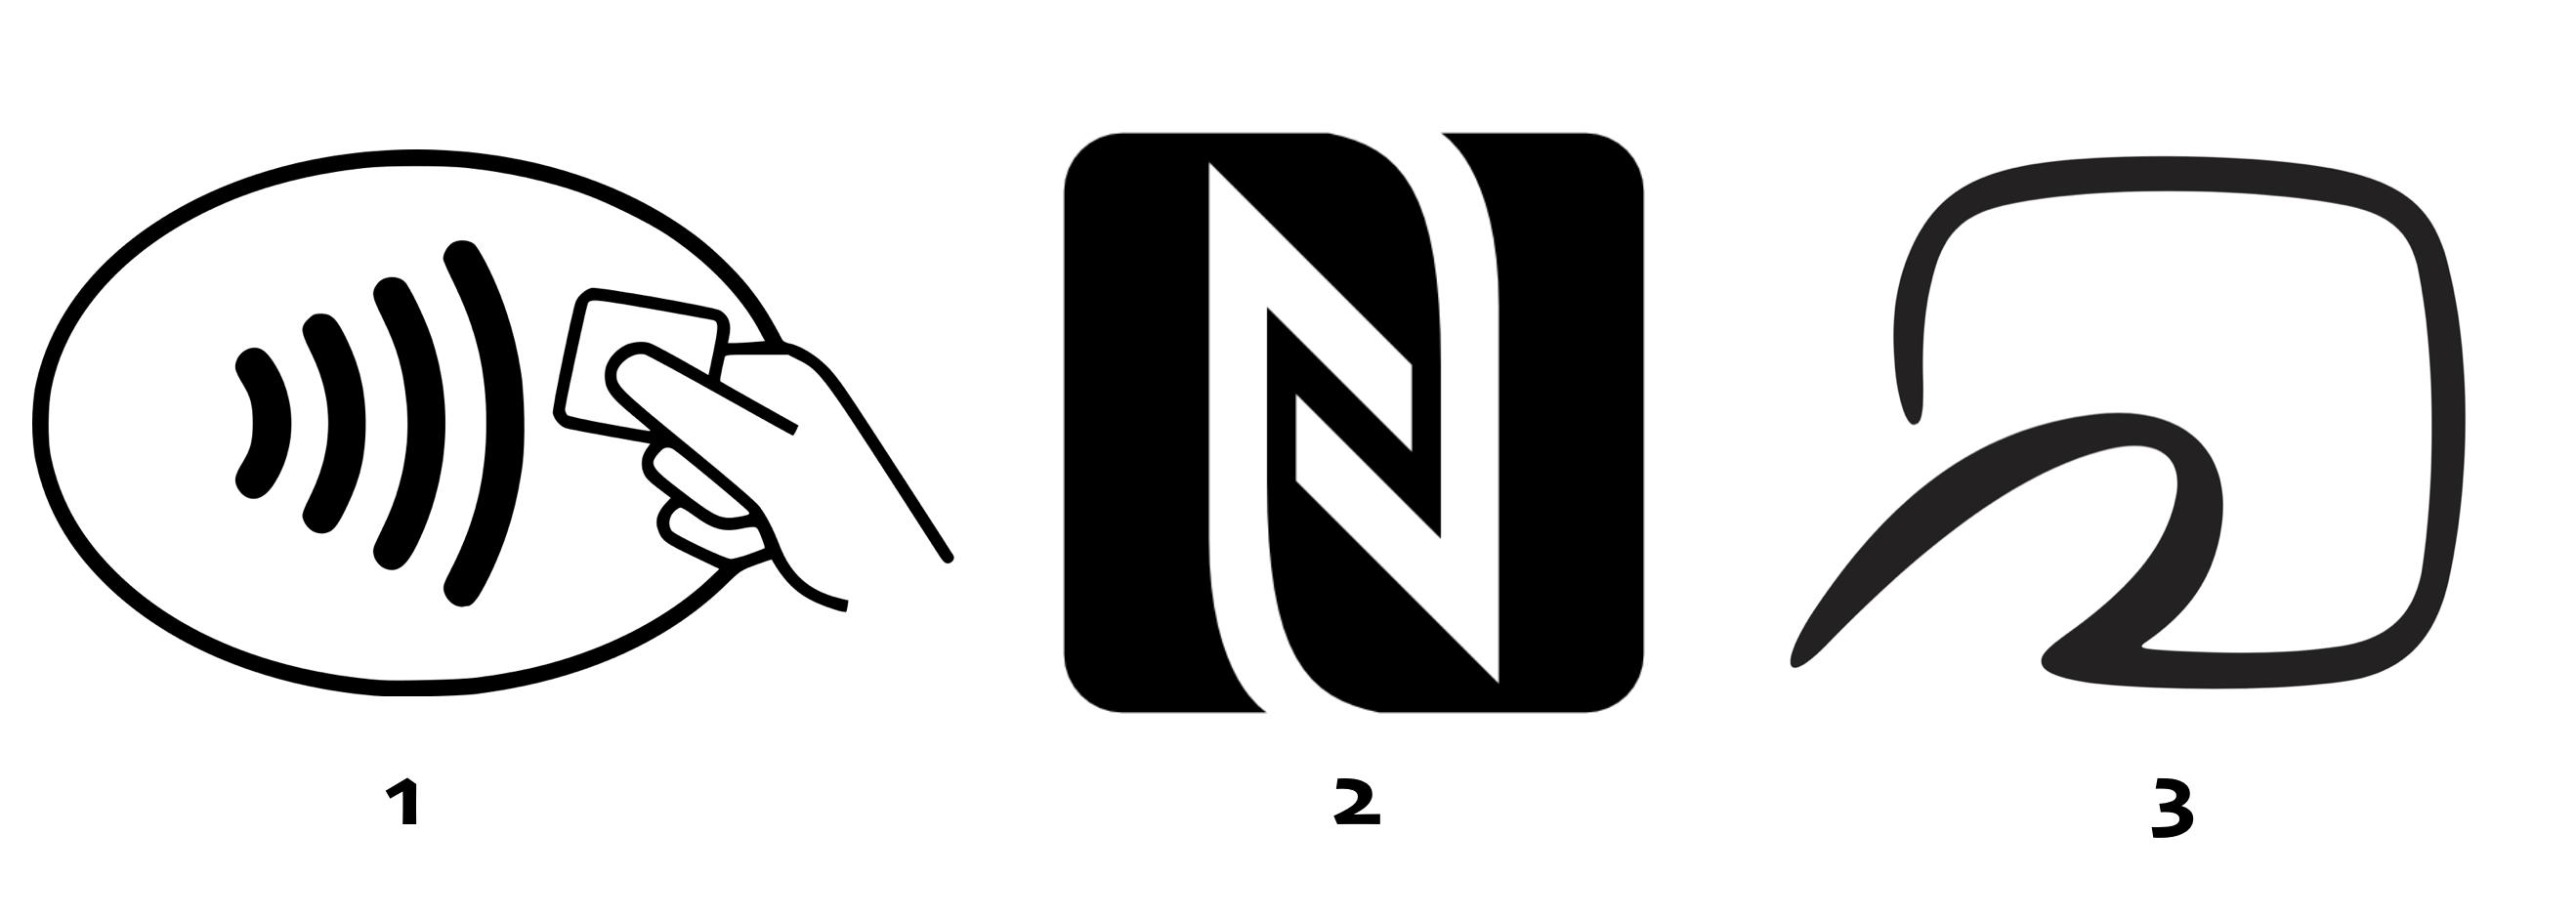 NFC Logos